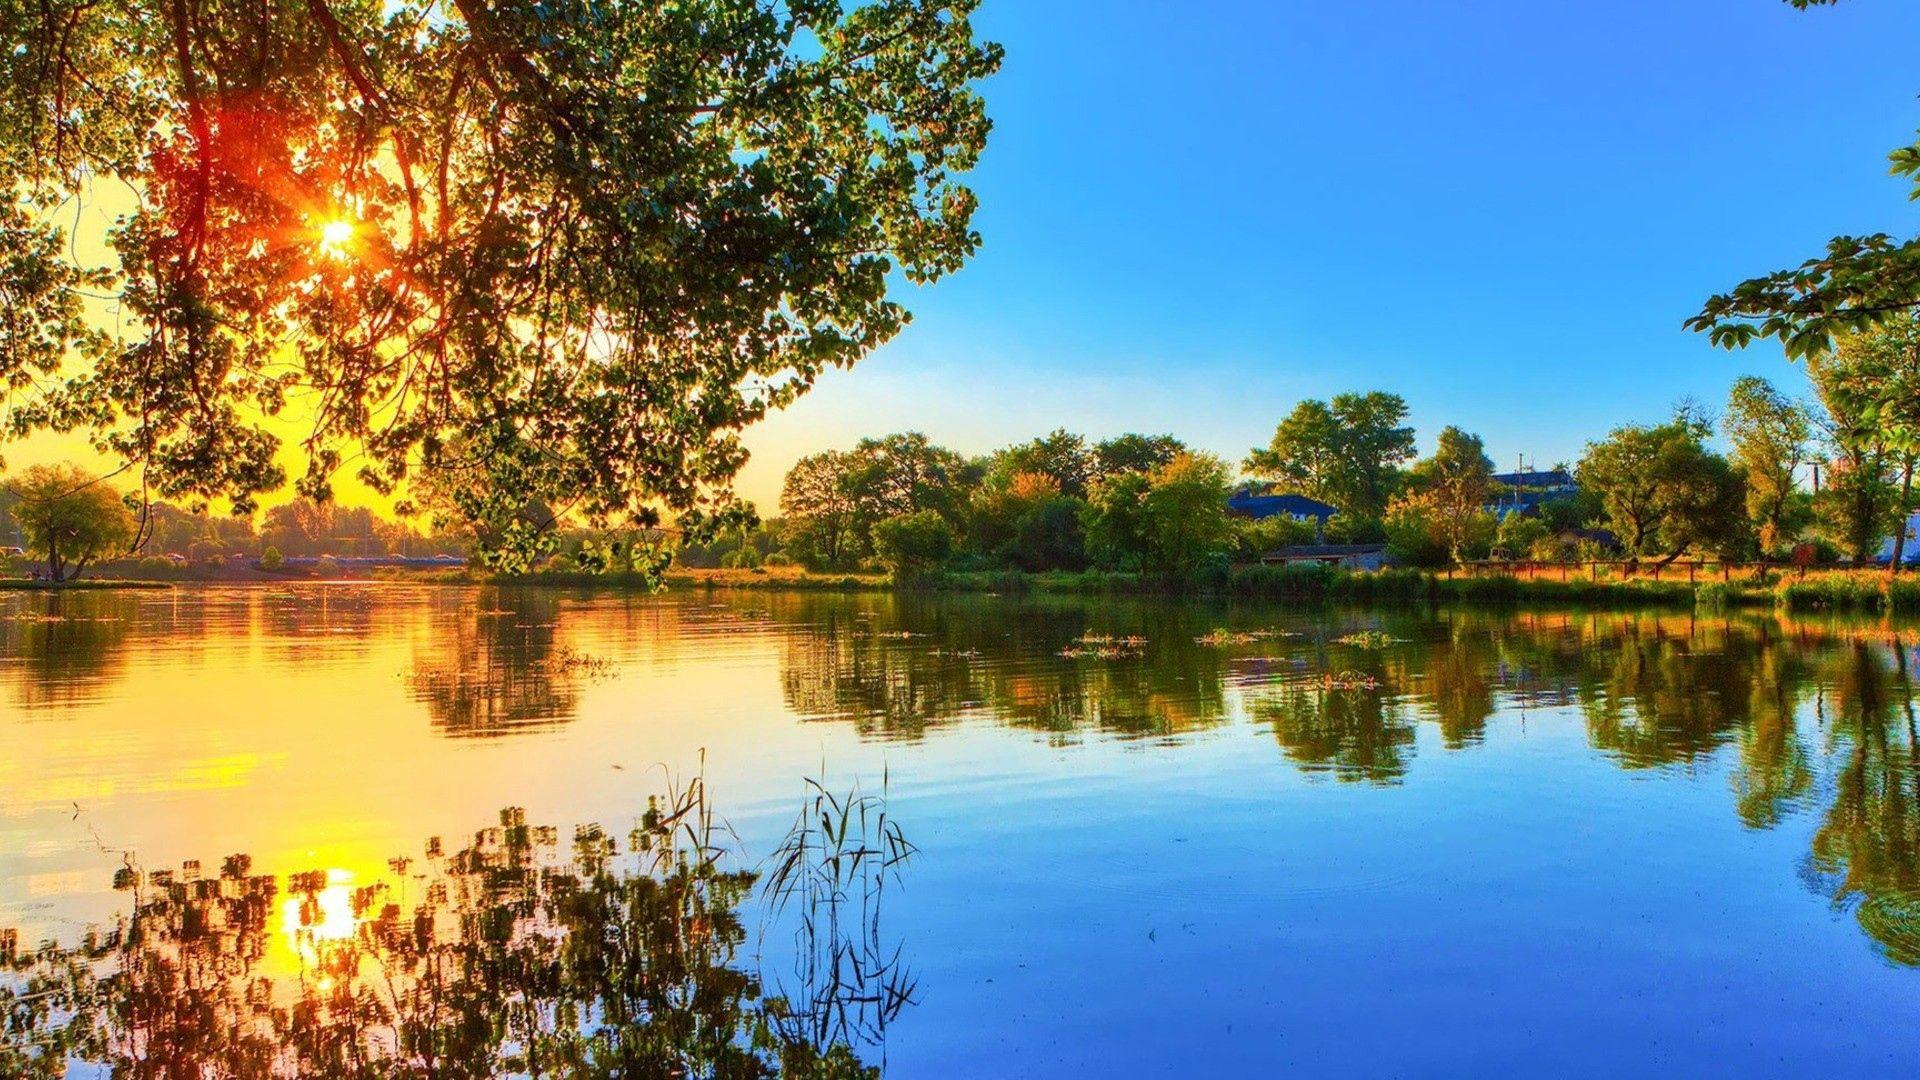 142730 скачать обои Свет, Река, Деревья, Природа - заставки и картинки бесплатно